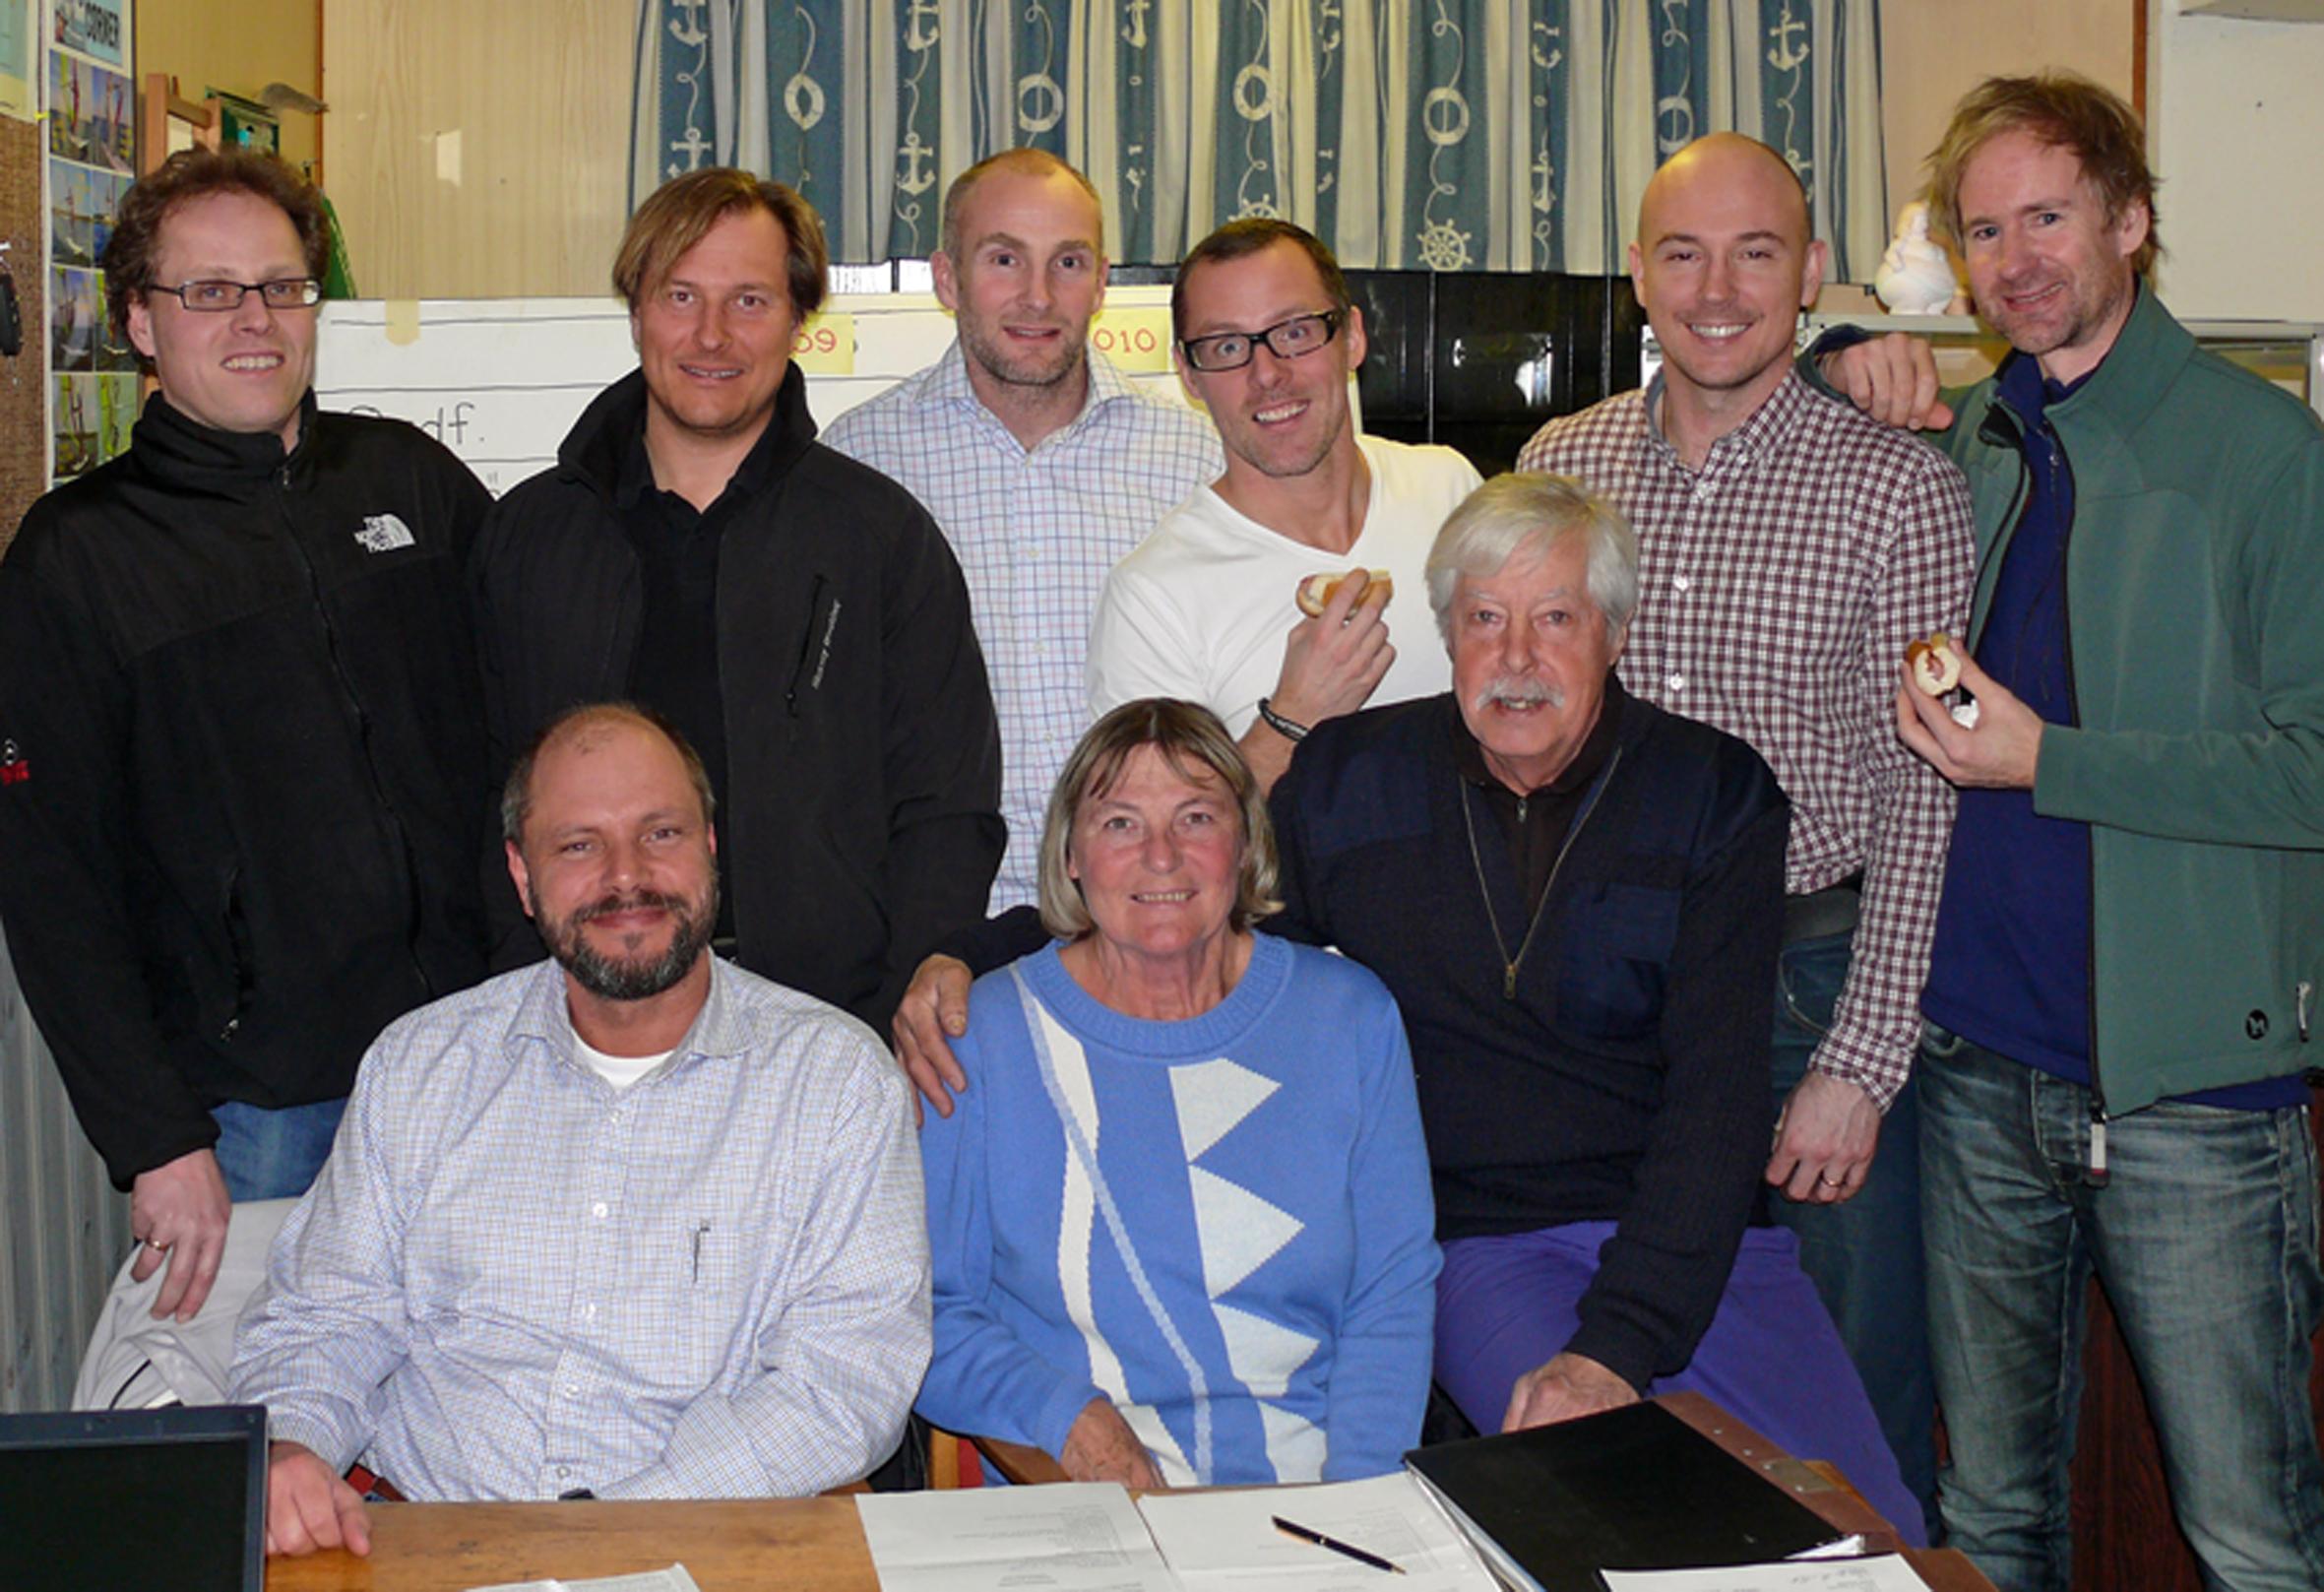 SCK Styrelse 2010 - 2010 - 2014